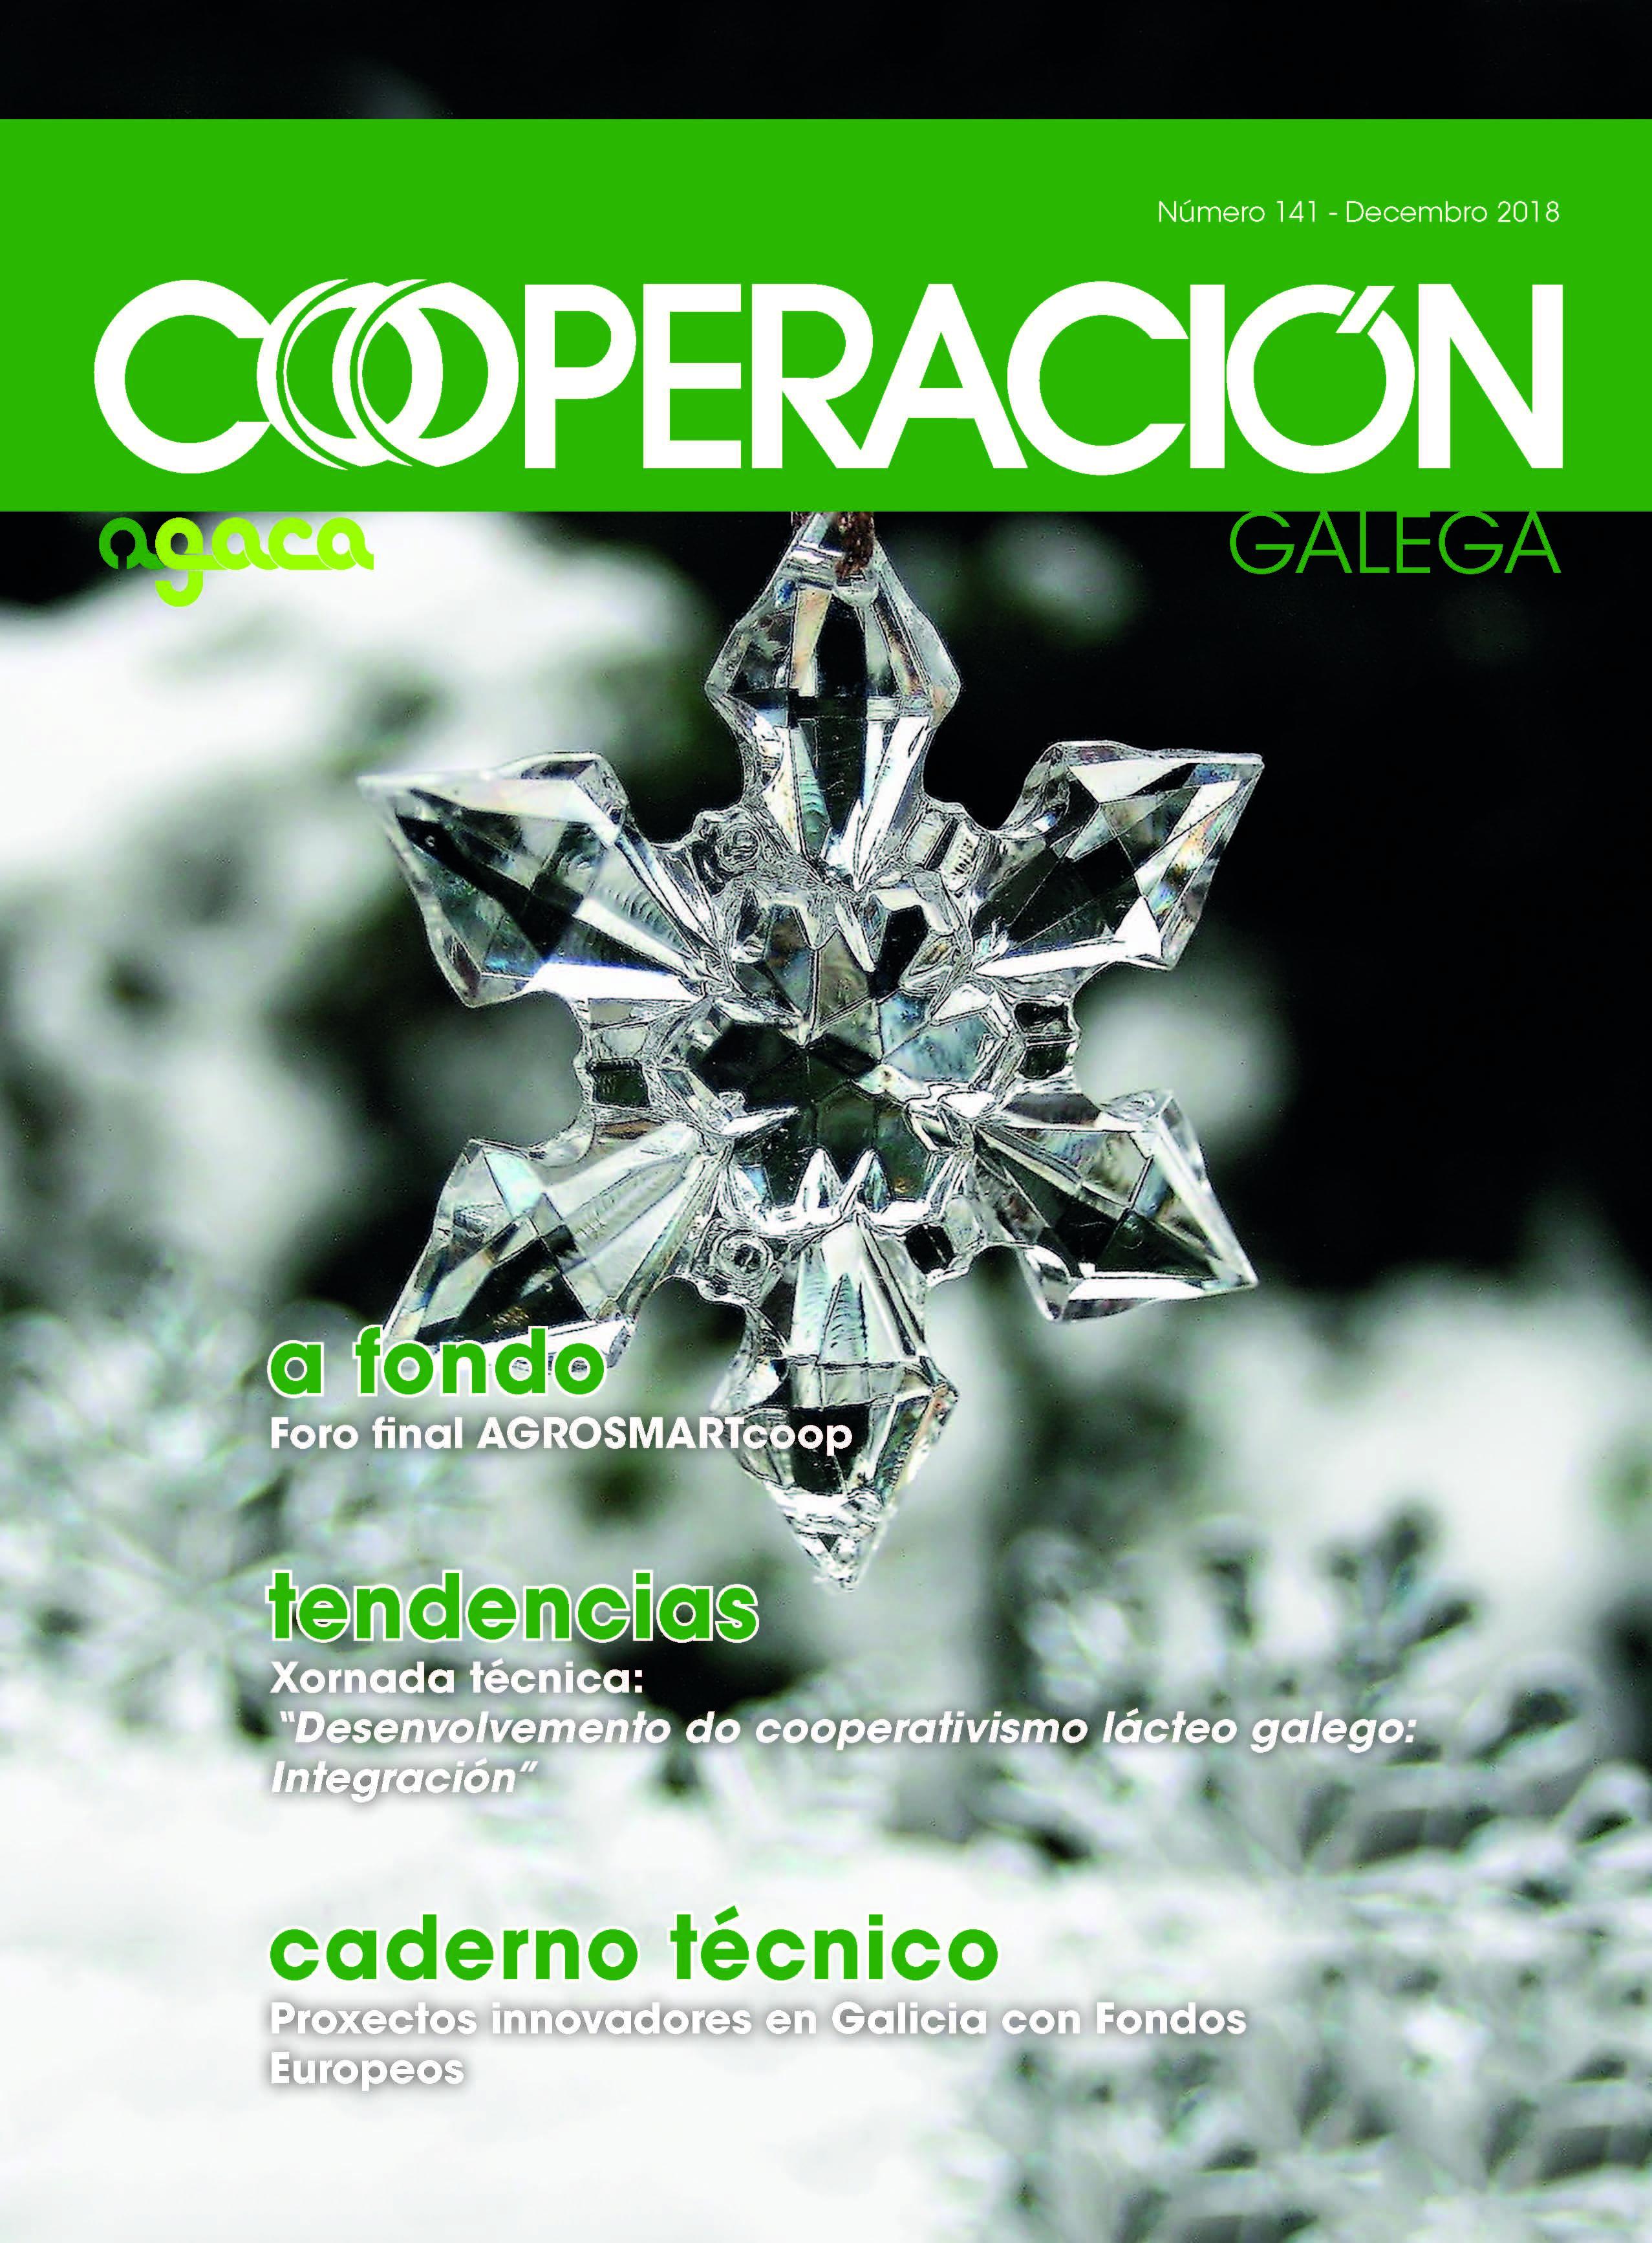 Cooperación Galega Nº141 Decembro 2018